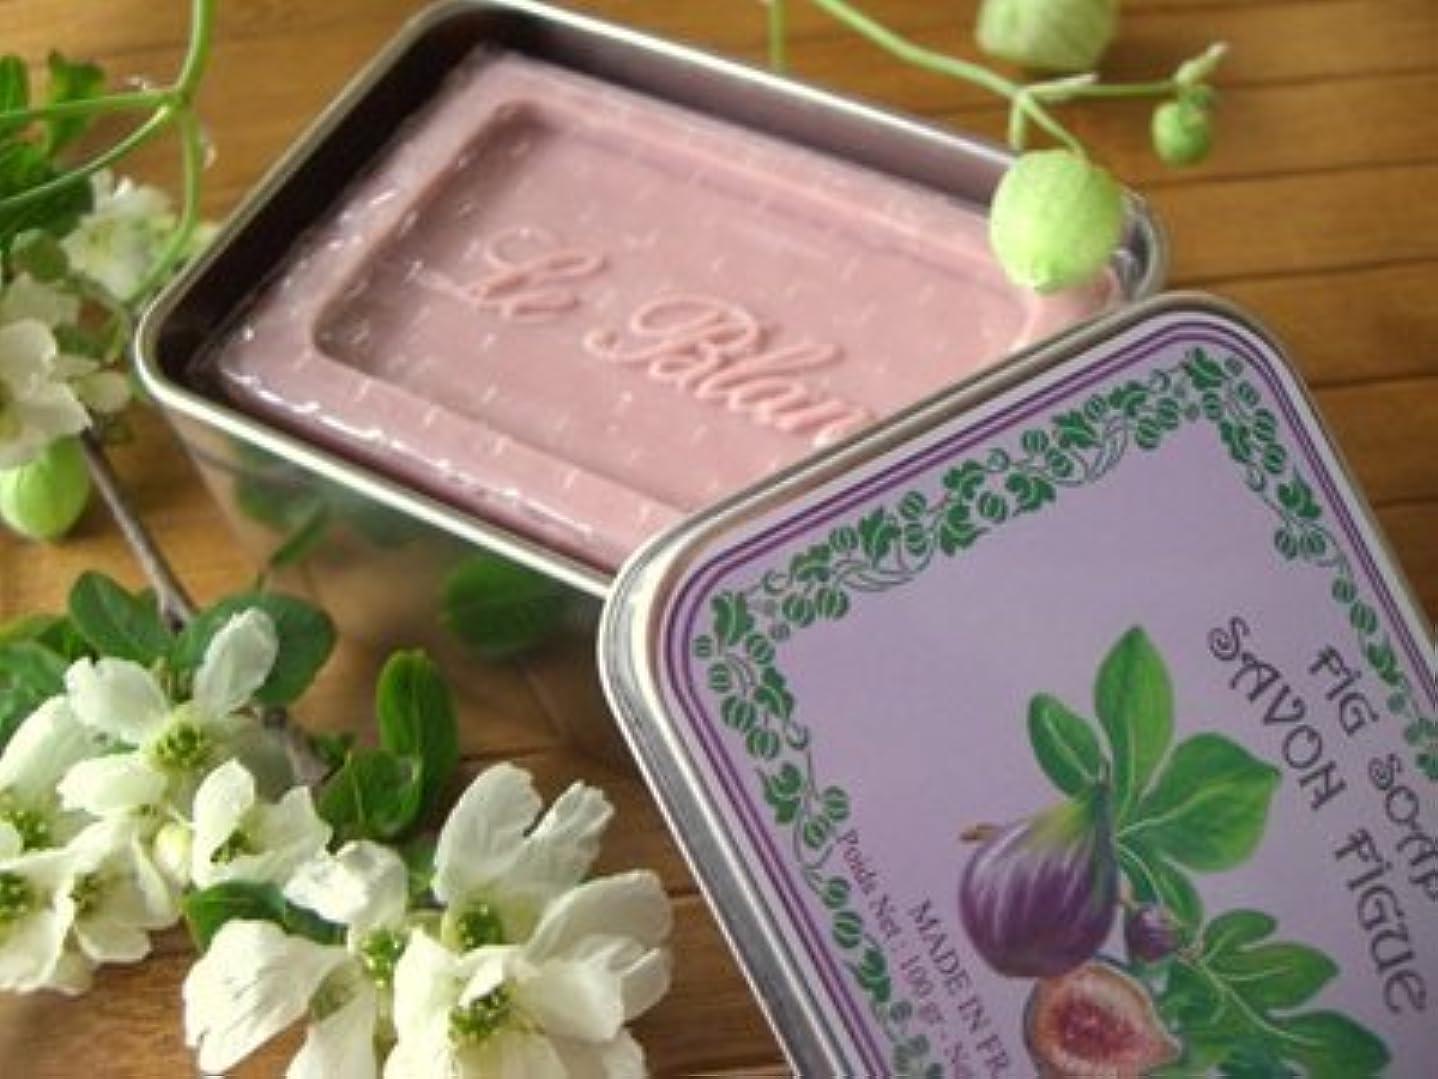 印象的マントハシーLE BLANC SOAP(ルブランソープ) イチジクの香り LB007ルブランソープ メタルボックス(leblanclb007)